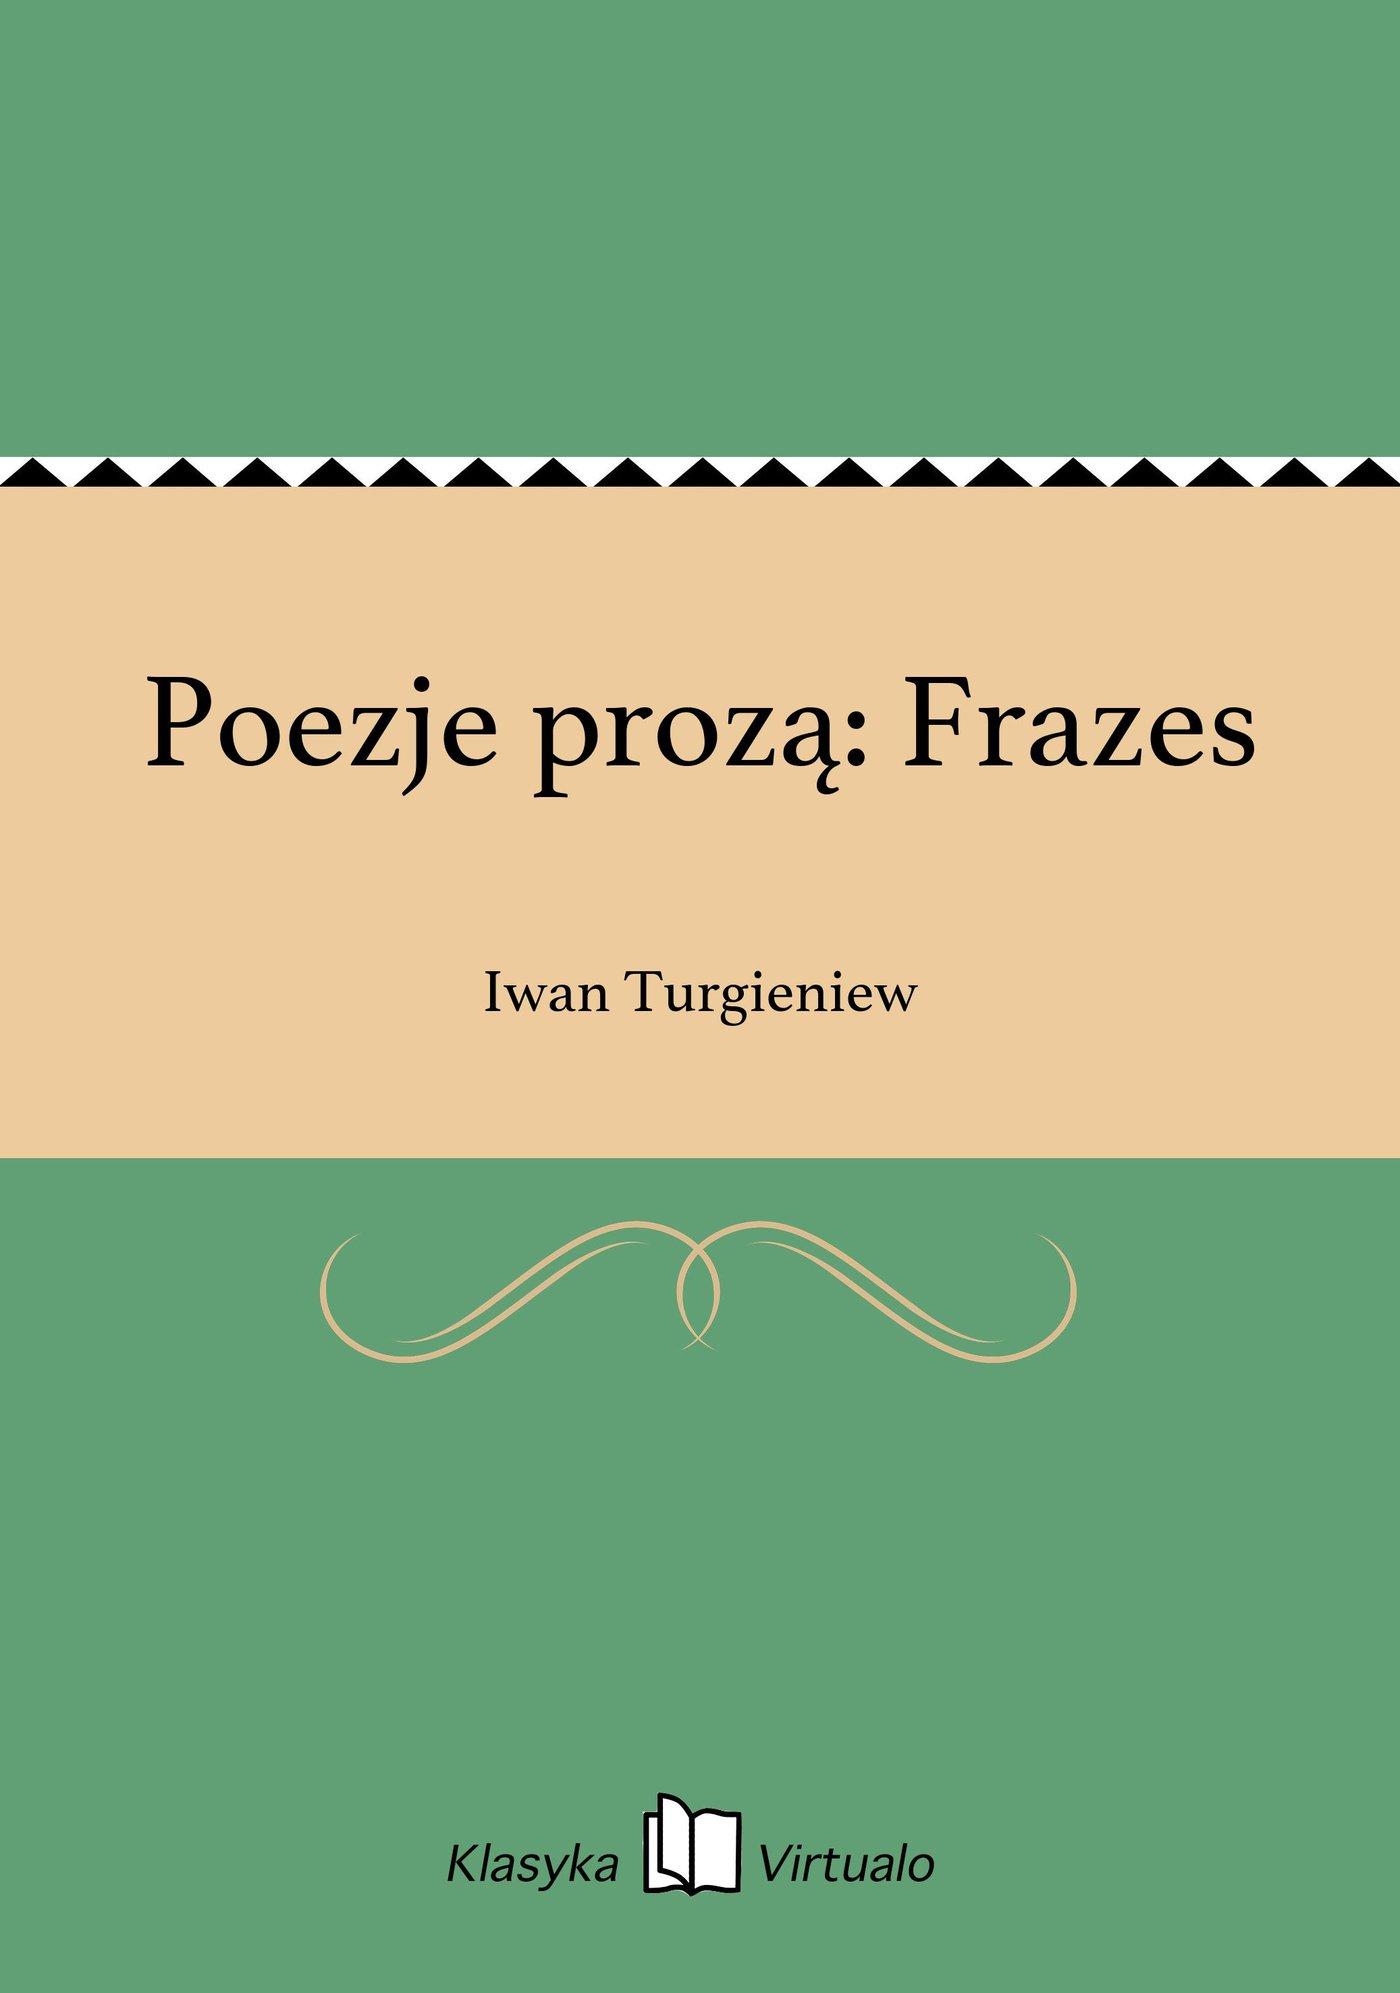 Poezje prozą: Frazes - Ebook (Książka na Kindle) do pobrania w formacie MOBI